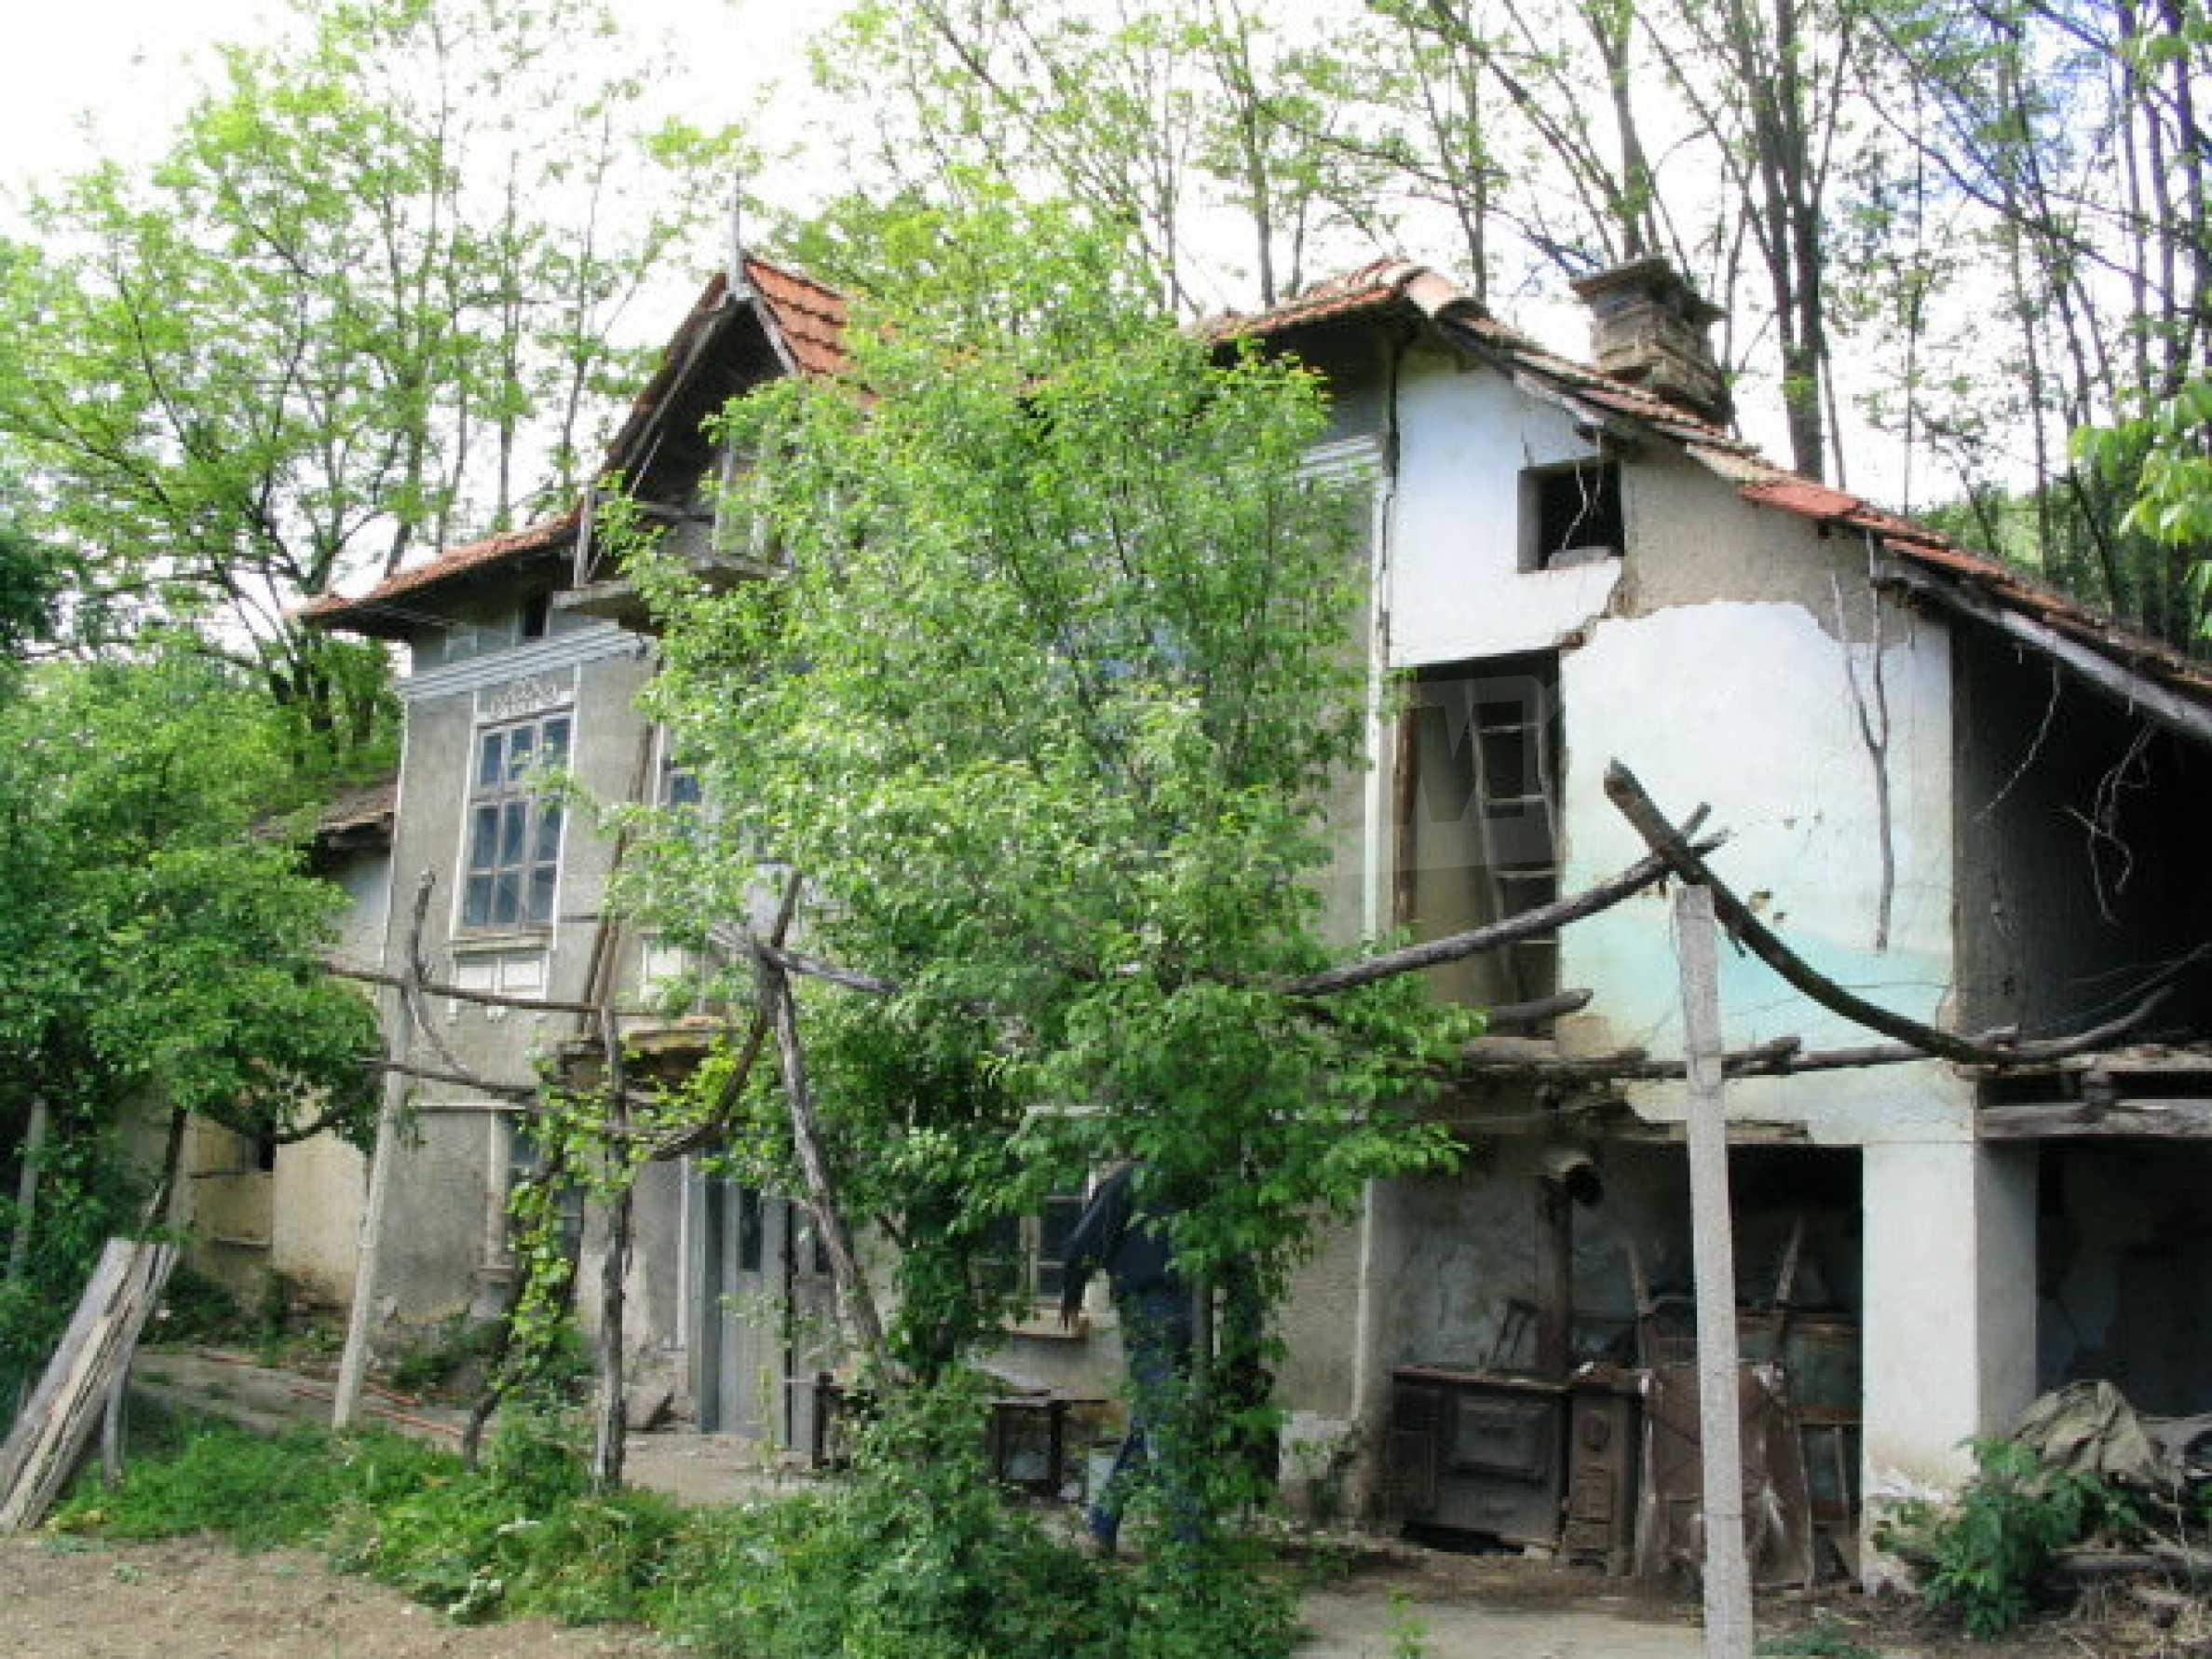 Zweistöckiges Haus zur Renovierung im Dorf Jemen 2